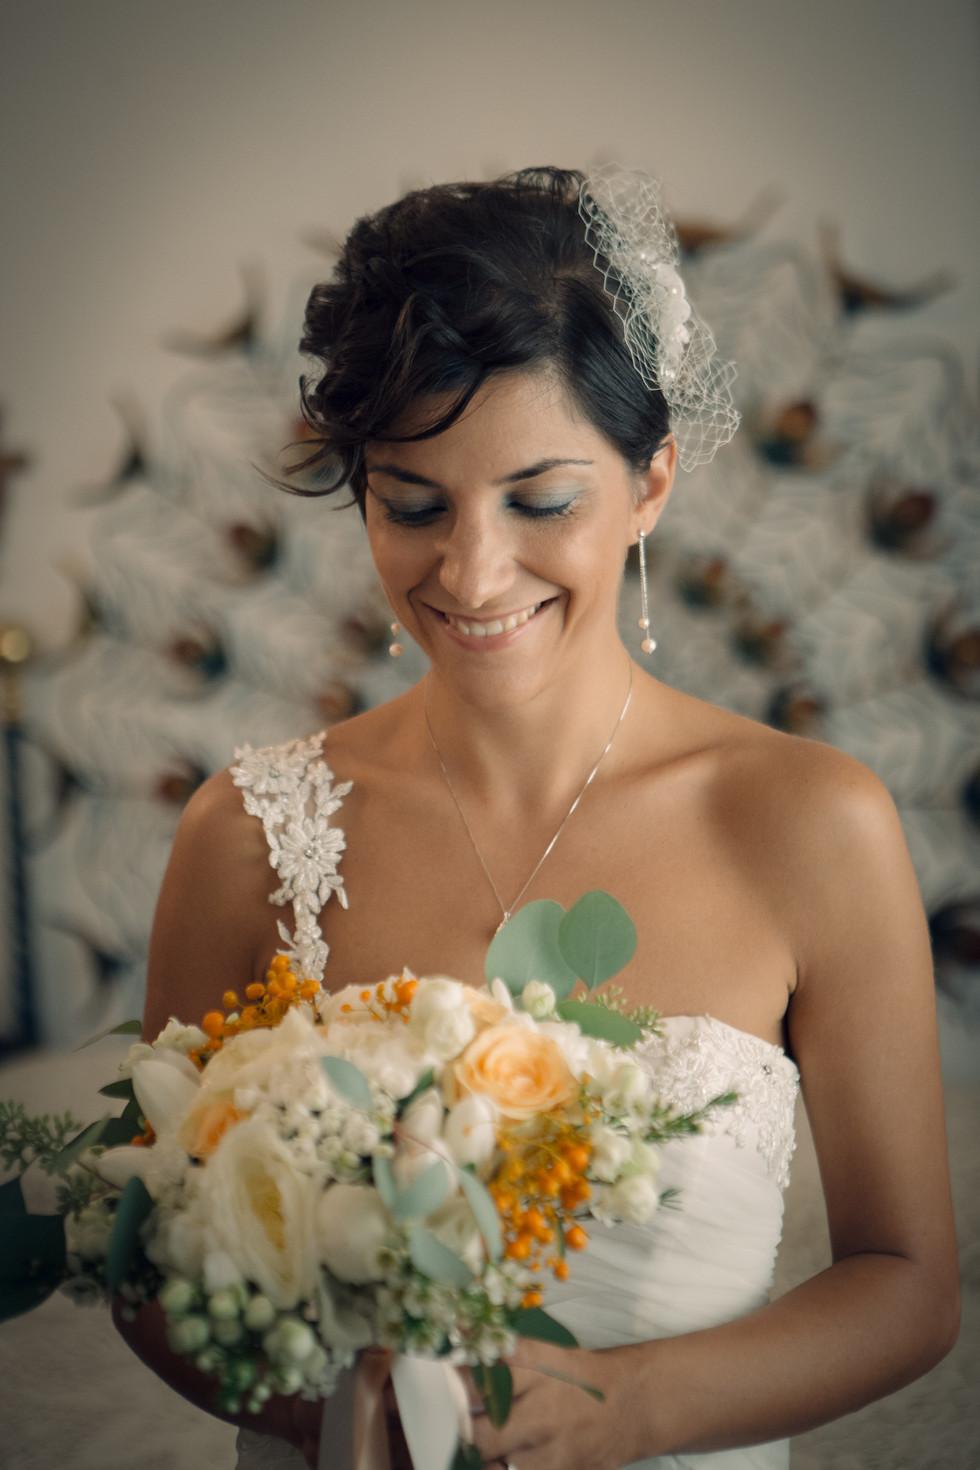 Abito della sposa e bouquet